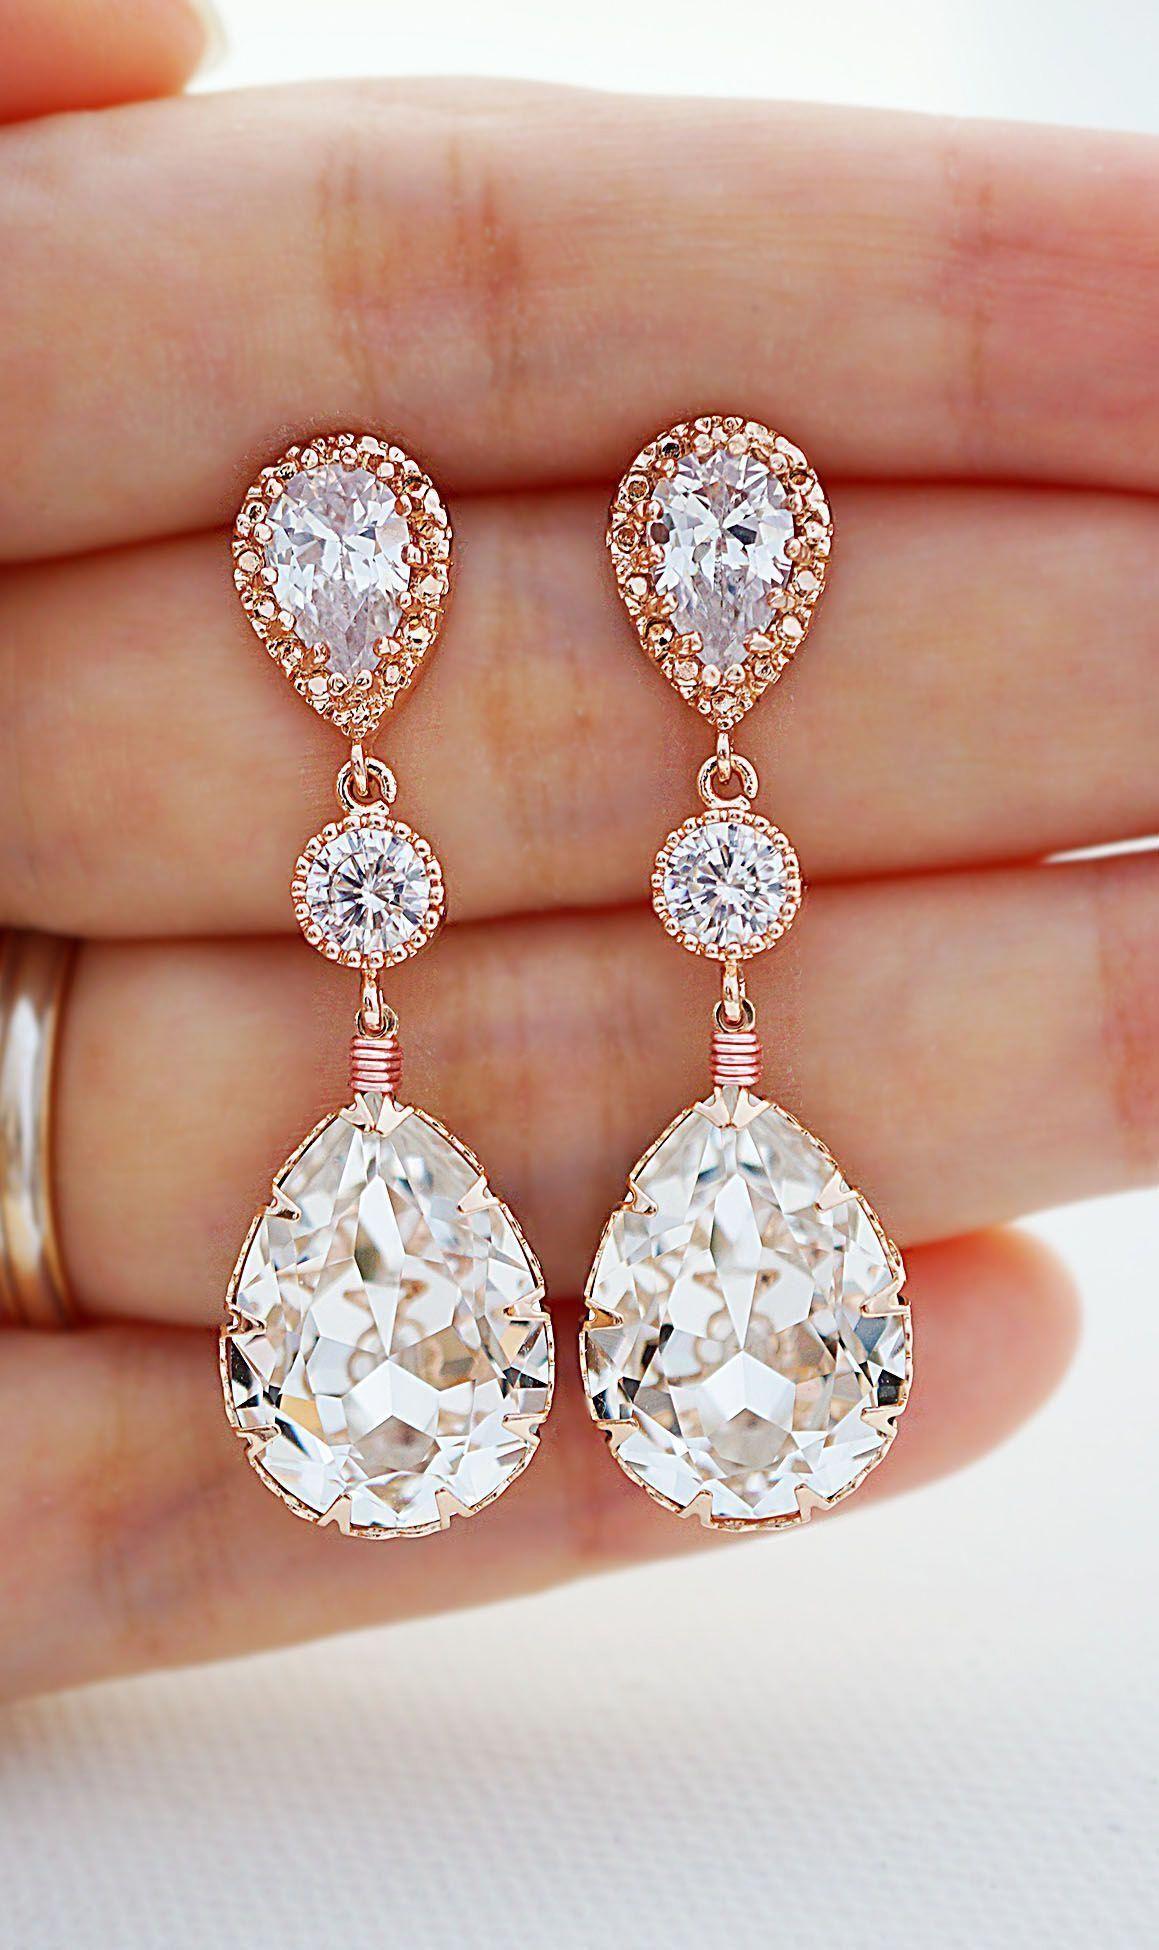 cd643821b Swarovski Crystal Rose Gold Bridal Earrings from EarringsNation Wedding  Earrings Rose Gold Weddings Blush weddings Bridal Jewelry #goldjewellery